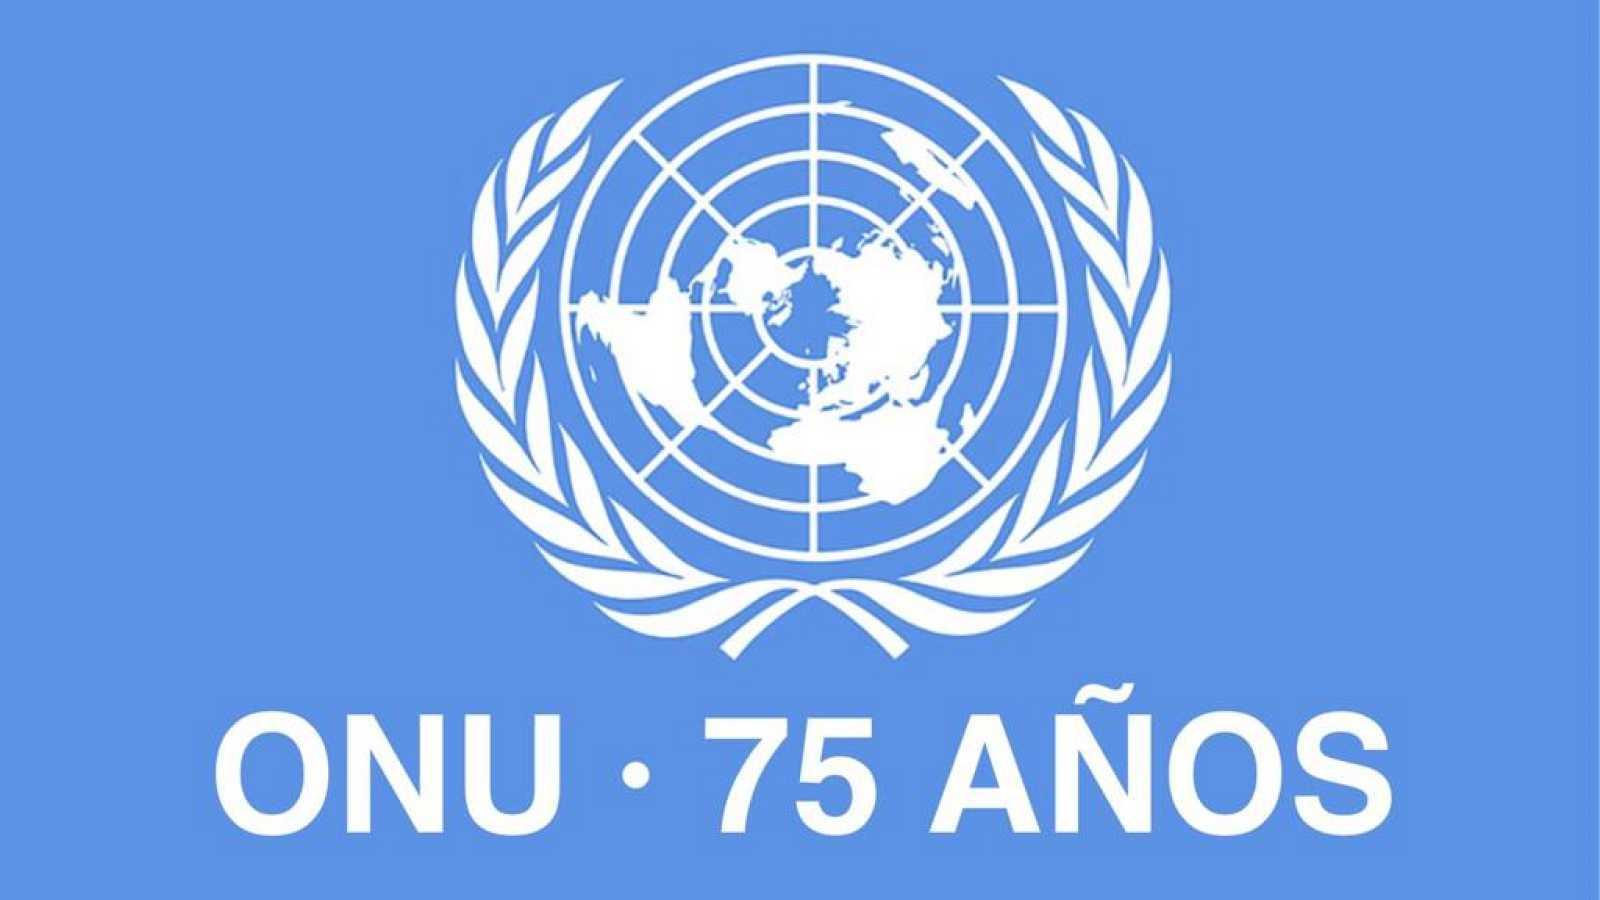 No es un día cualquiera - ONU, inteligencia y malentendidos - Segunda hora - 25/10/2020 - Escuchar ahora